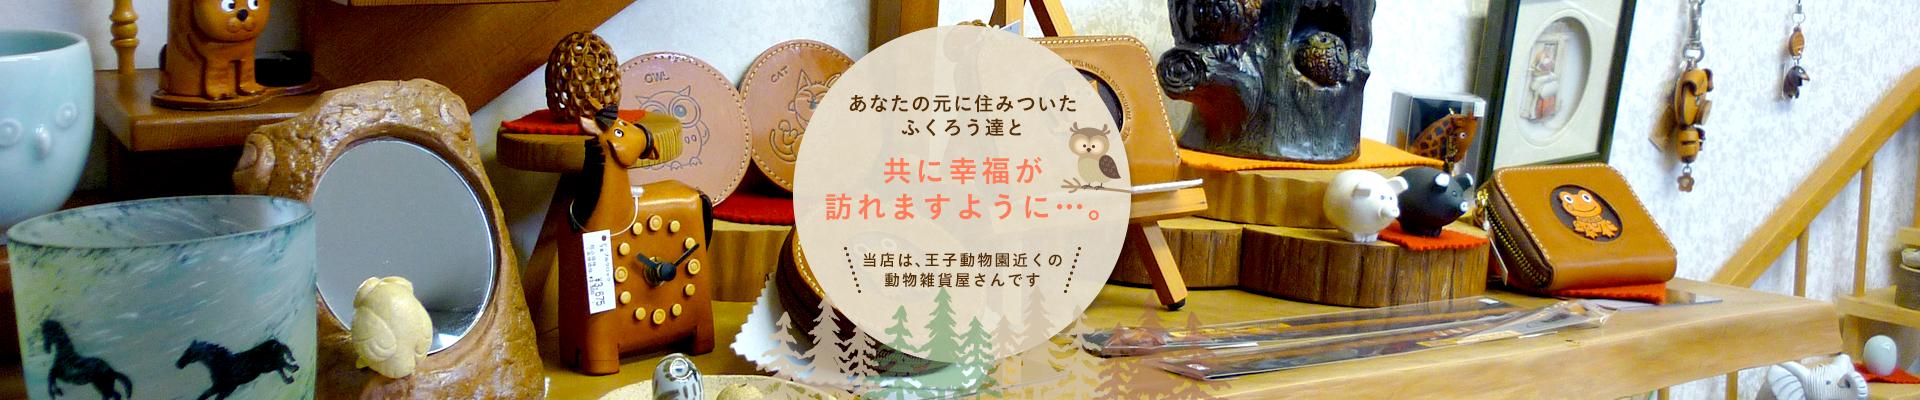 当店は、王子動物園近くの動物雑貨屋さんです! あなたの元に住みついたふくろう達と共に幸福が訪れますように…。